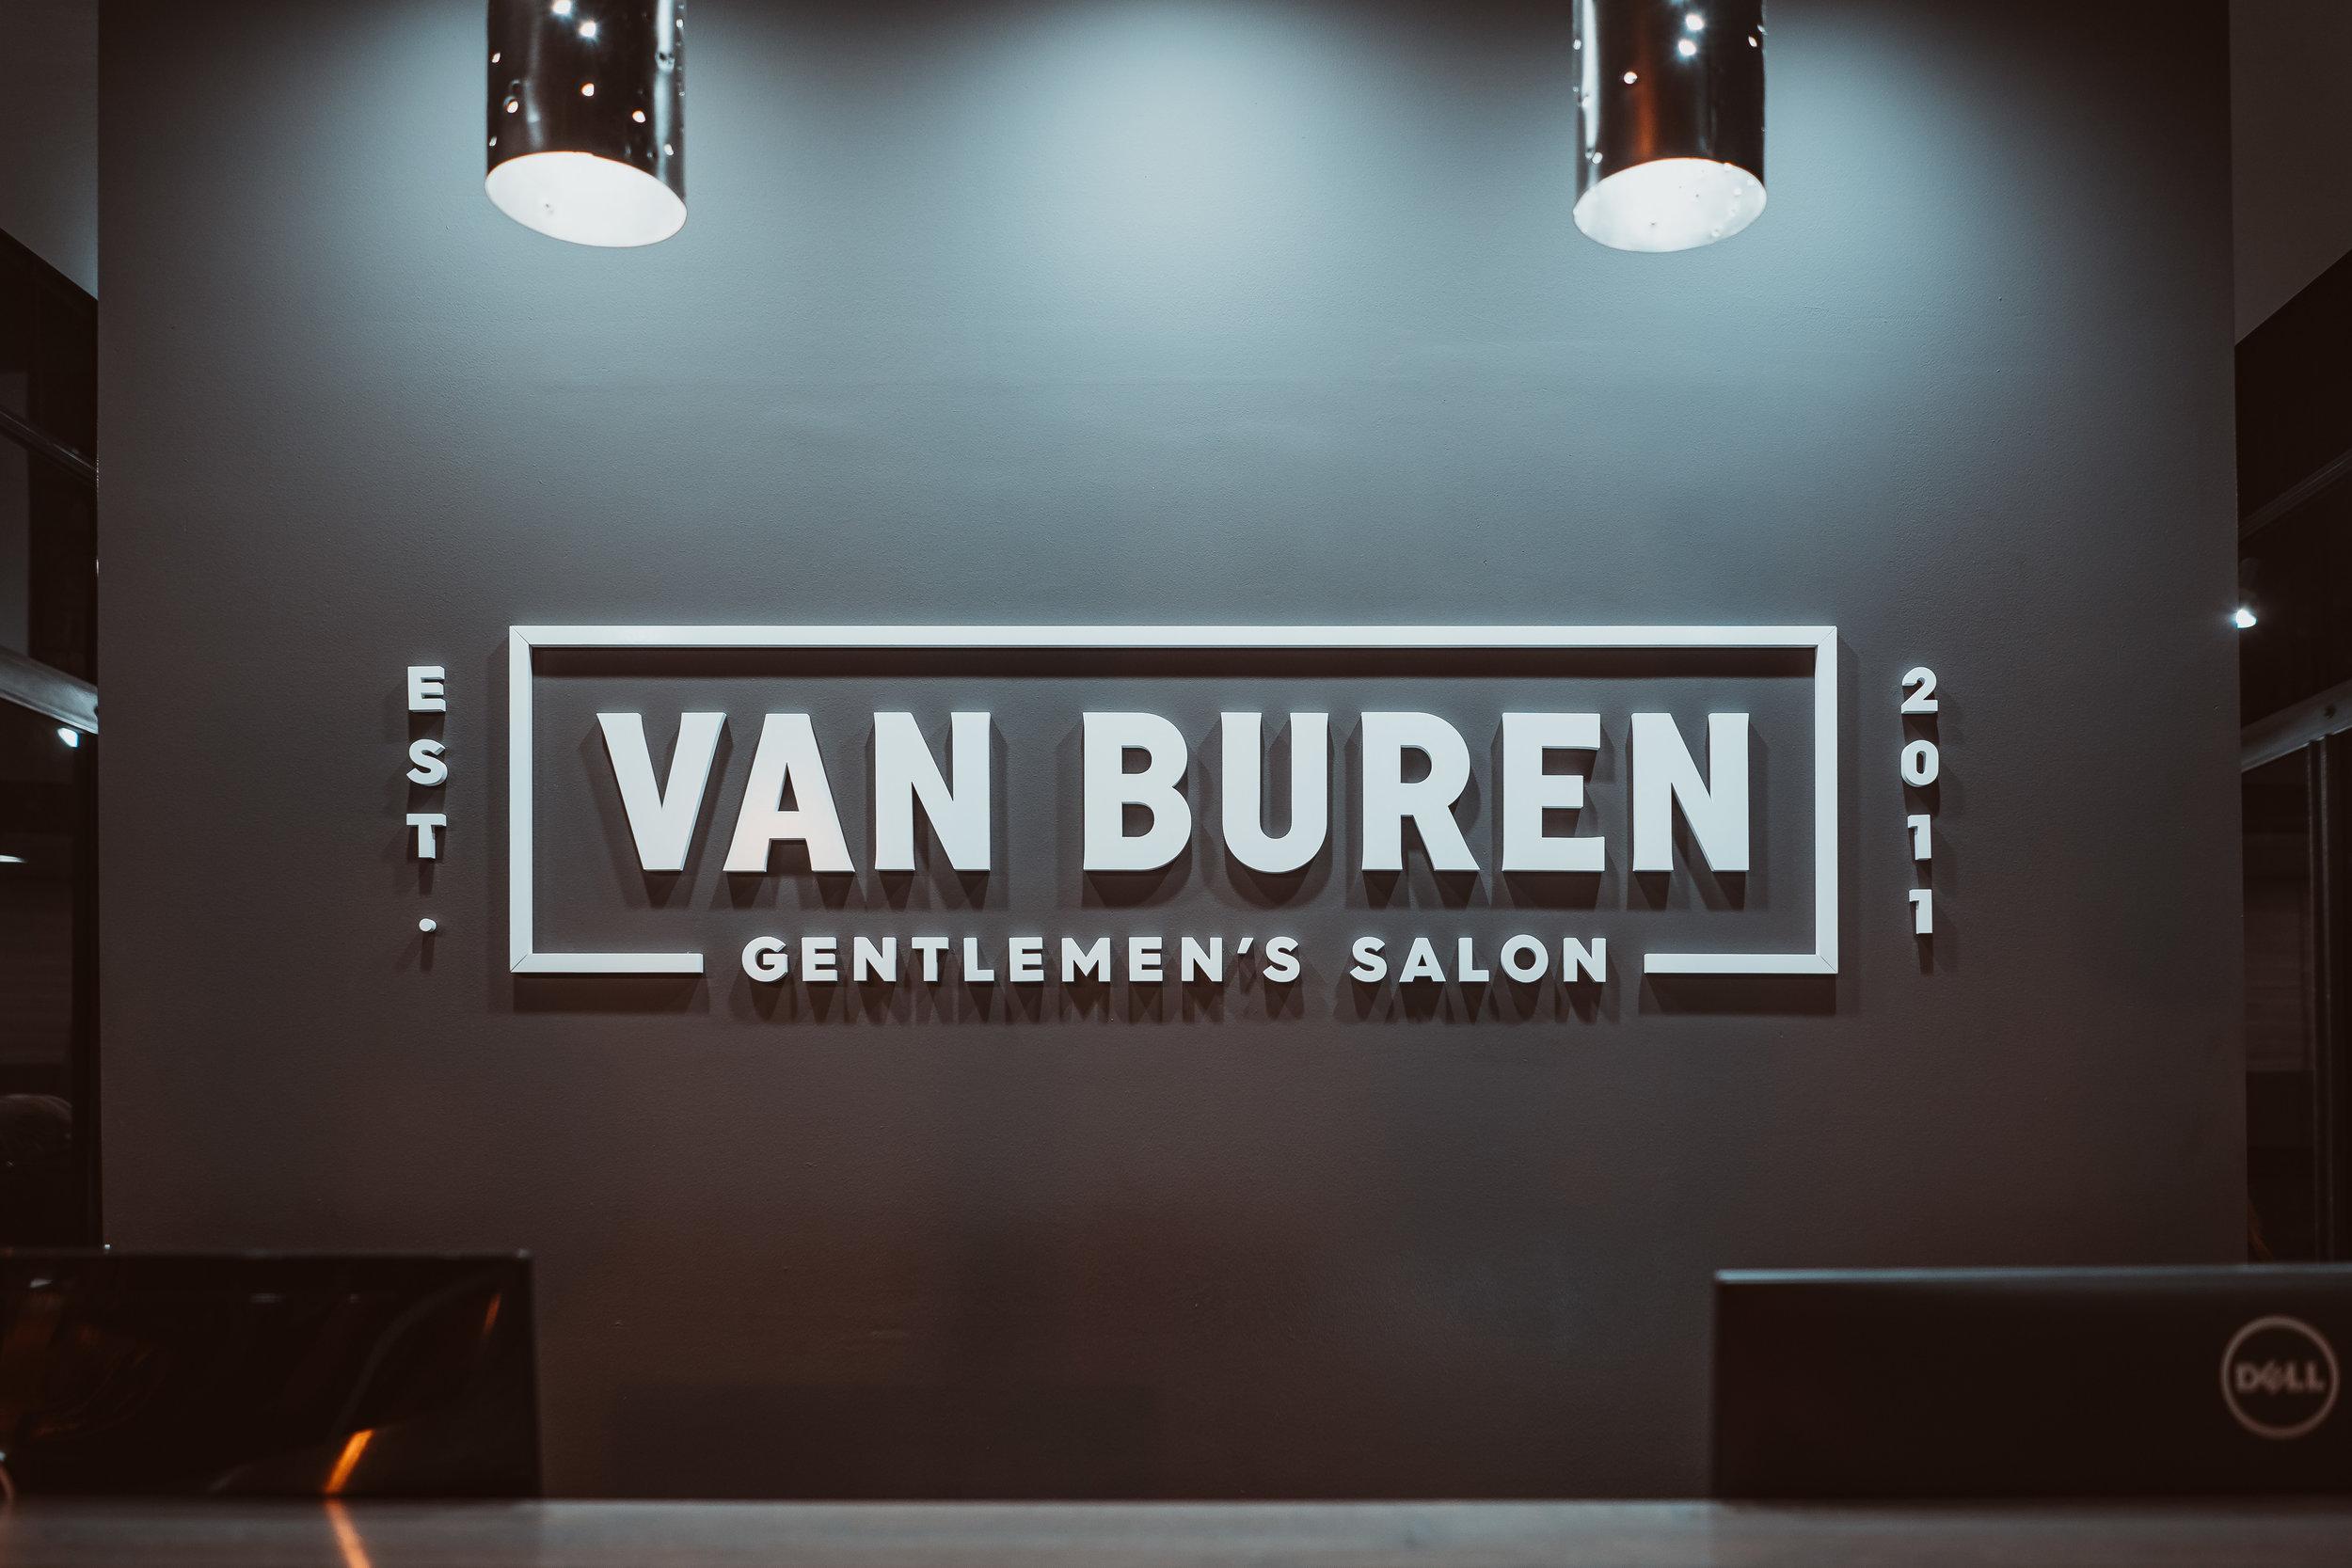 van-buren-space-001.jpg